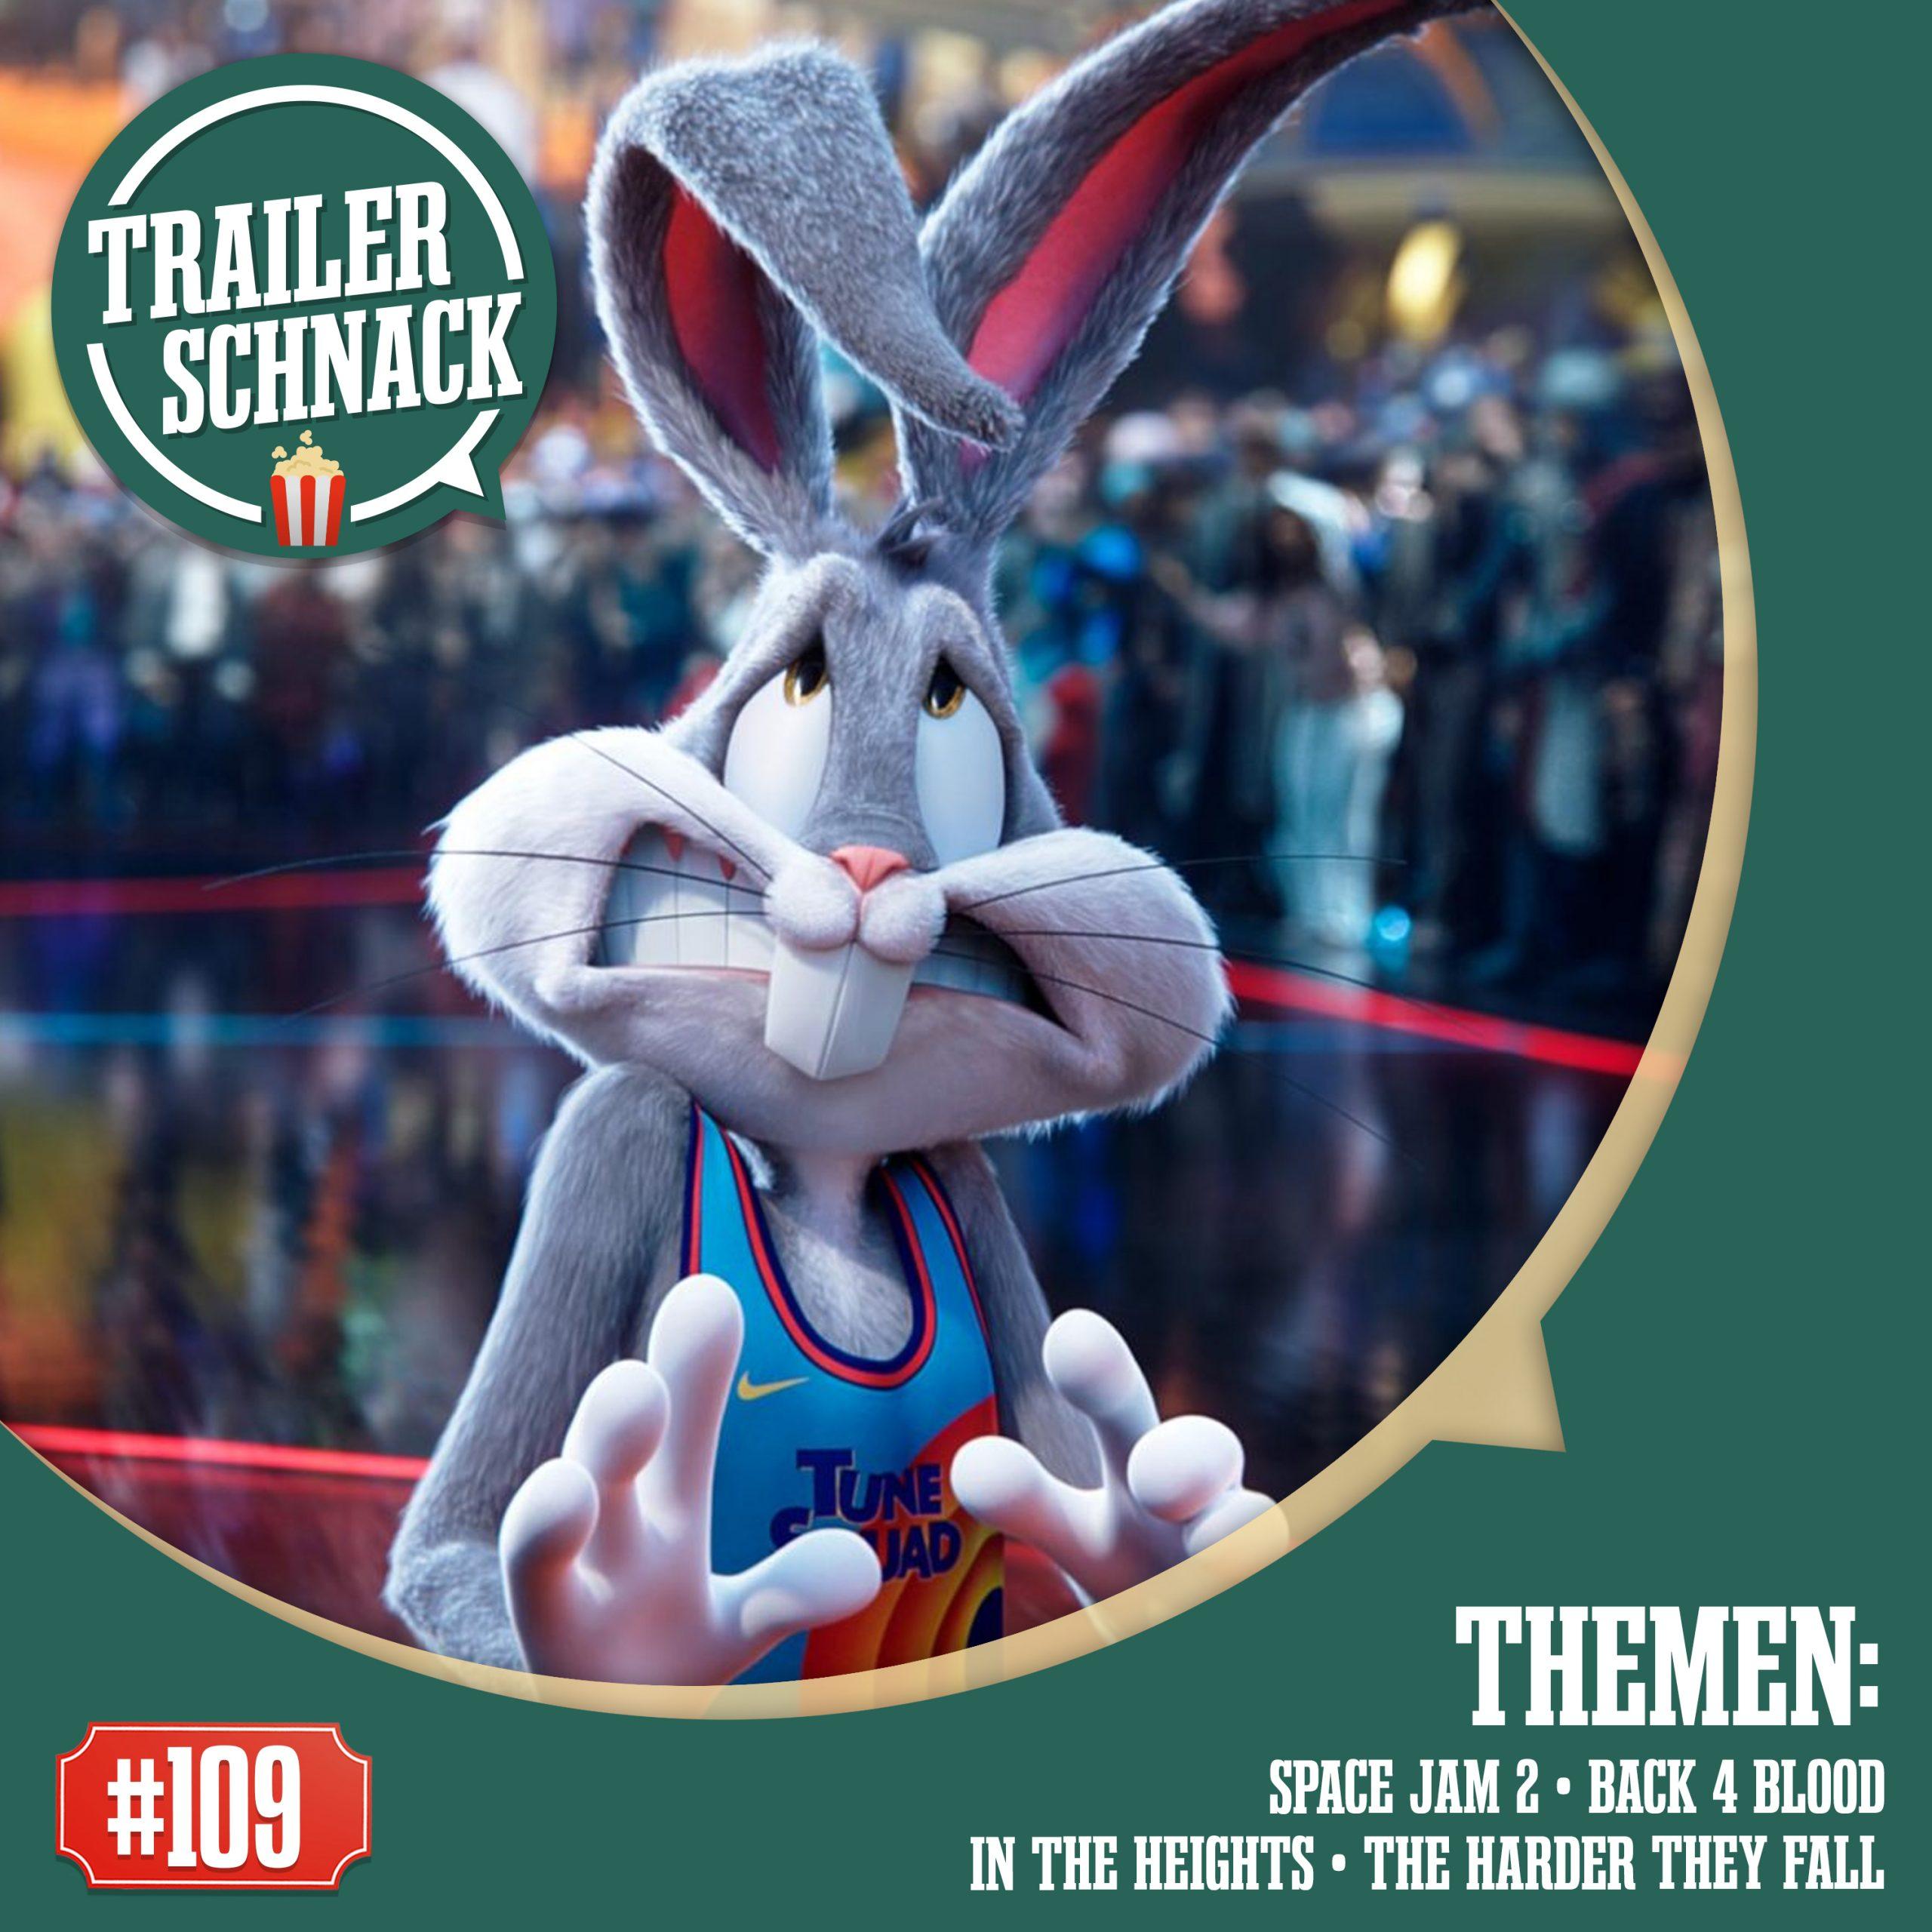 Trailerschnack #109 - Cover